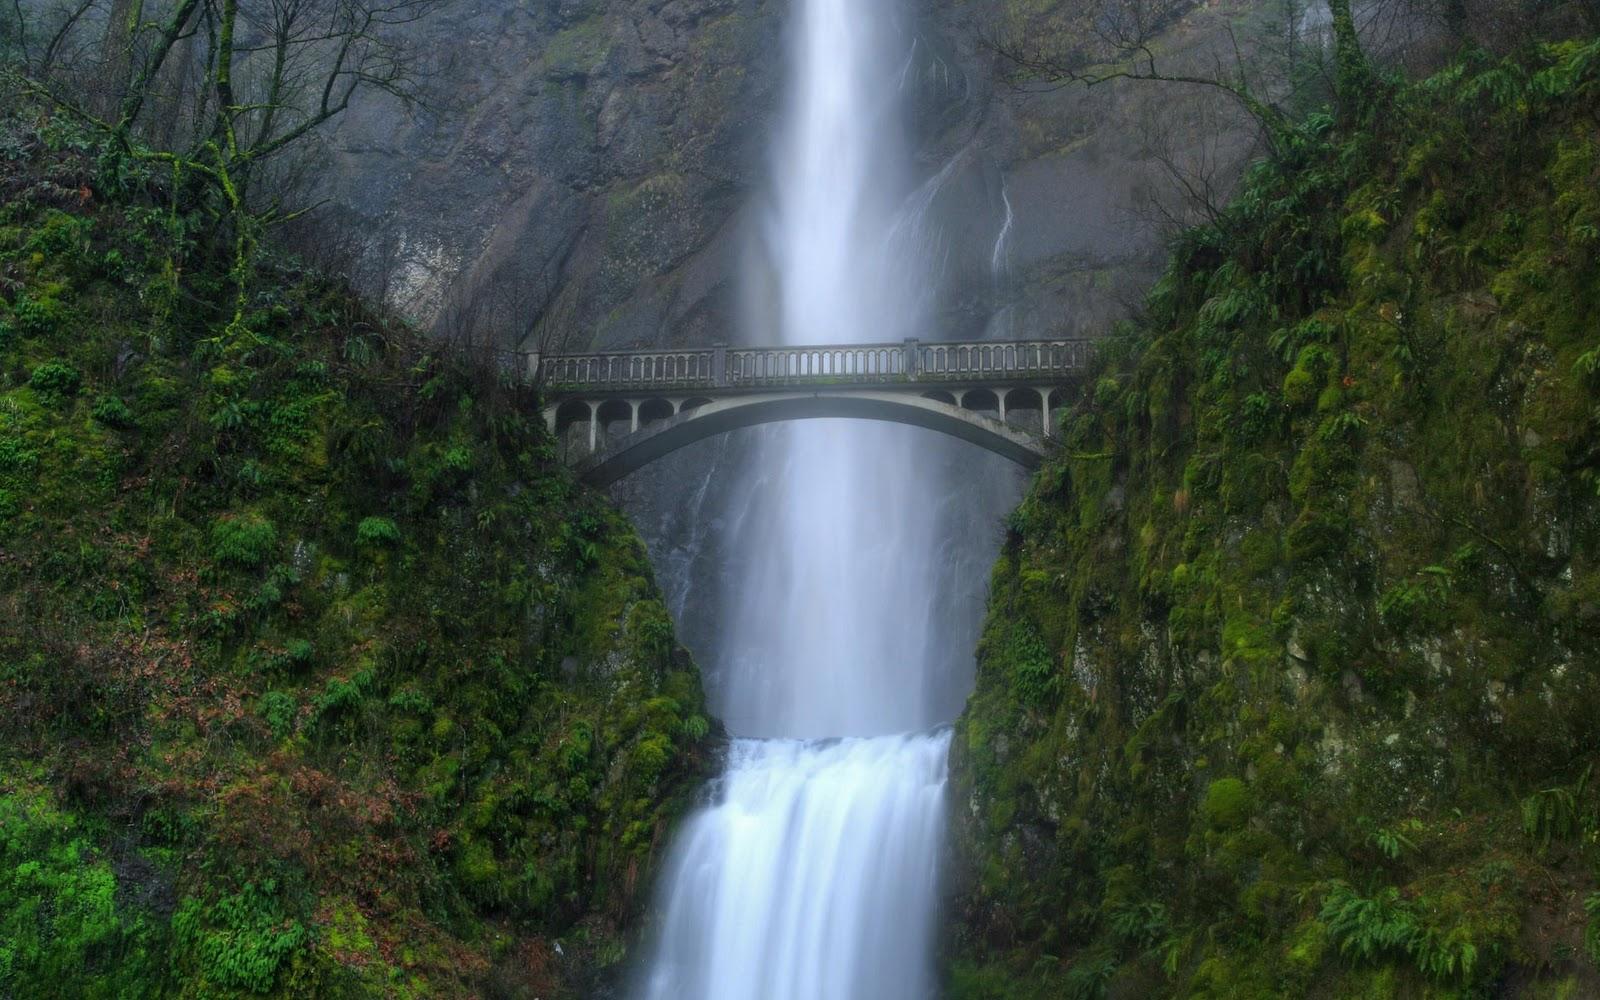 Pemandangan Air Terjun Di Indonesia Foto Dunia Alam Semesta